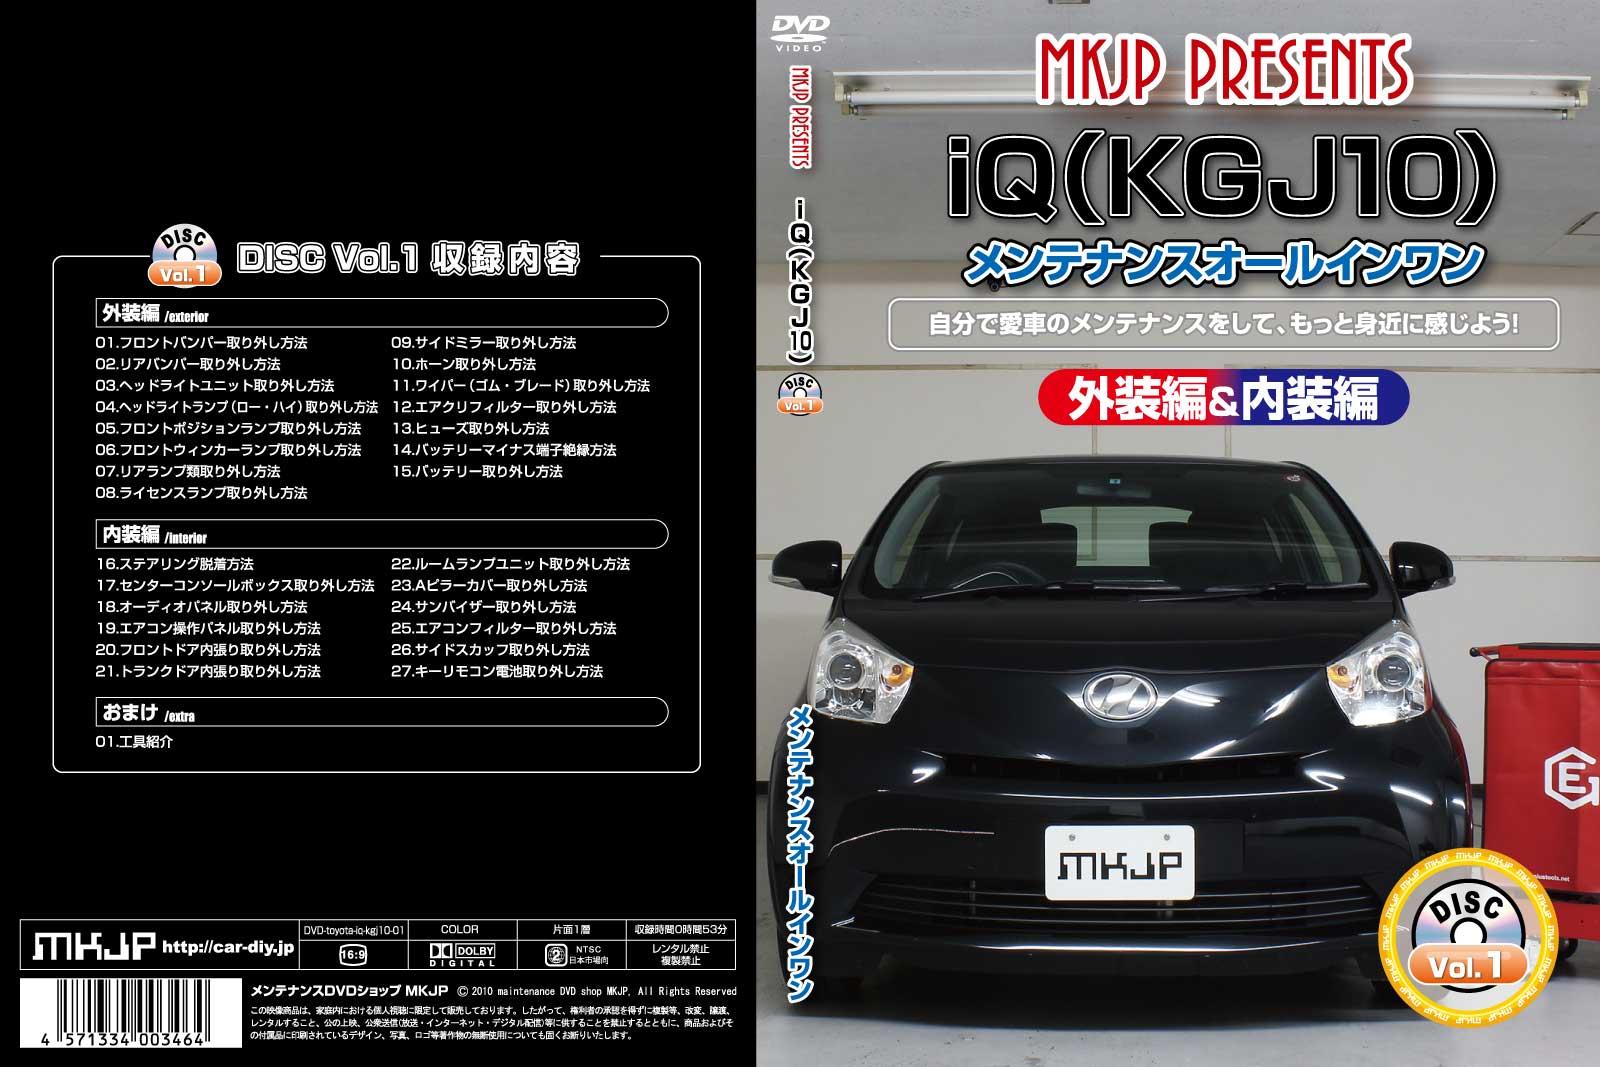 メンテナンス用品, その他 MKJP DVD Vol.1 iQ KGJ10 NGJ10